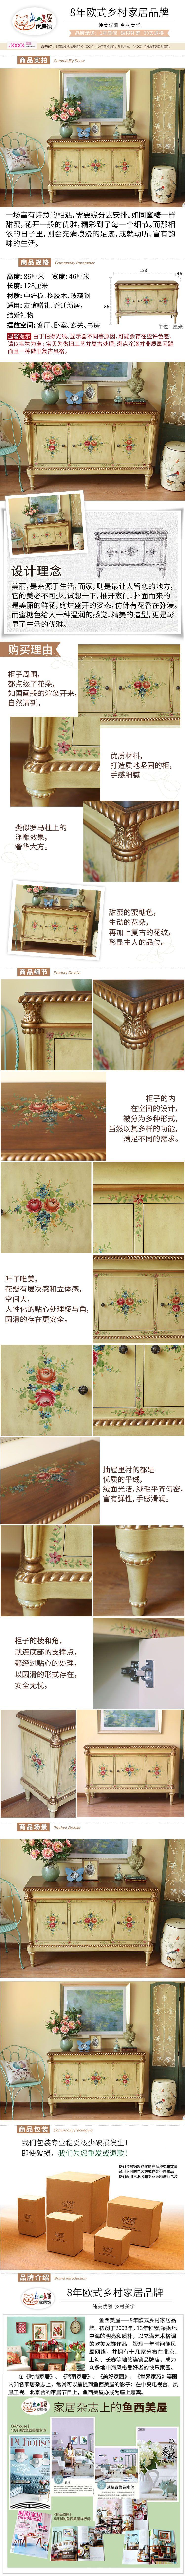 蜜糖色欧式雕花手绘玄关柜